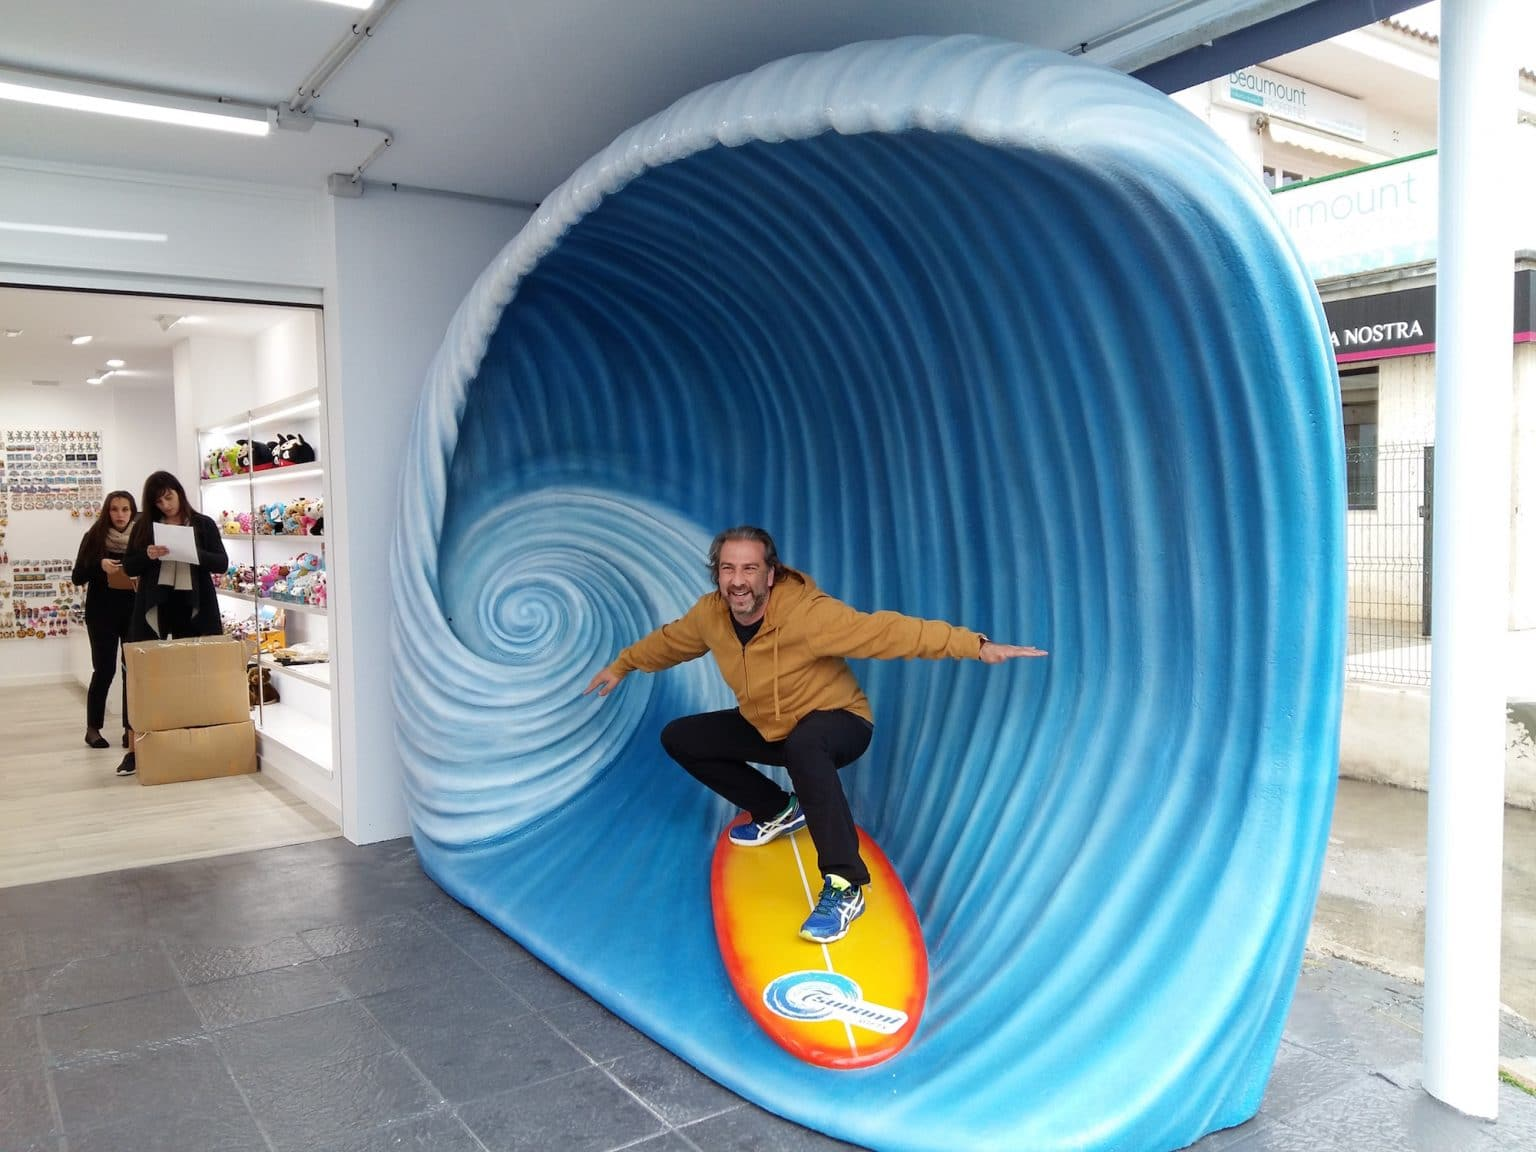 escaparatismo-surf-poraxa